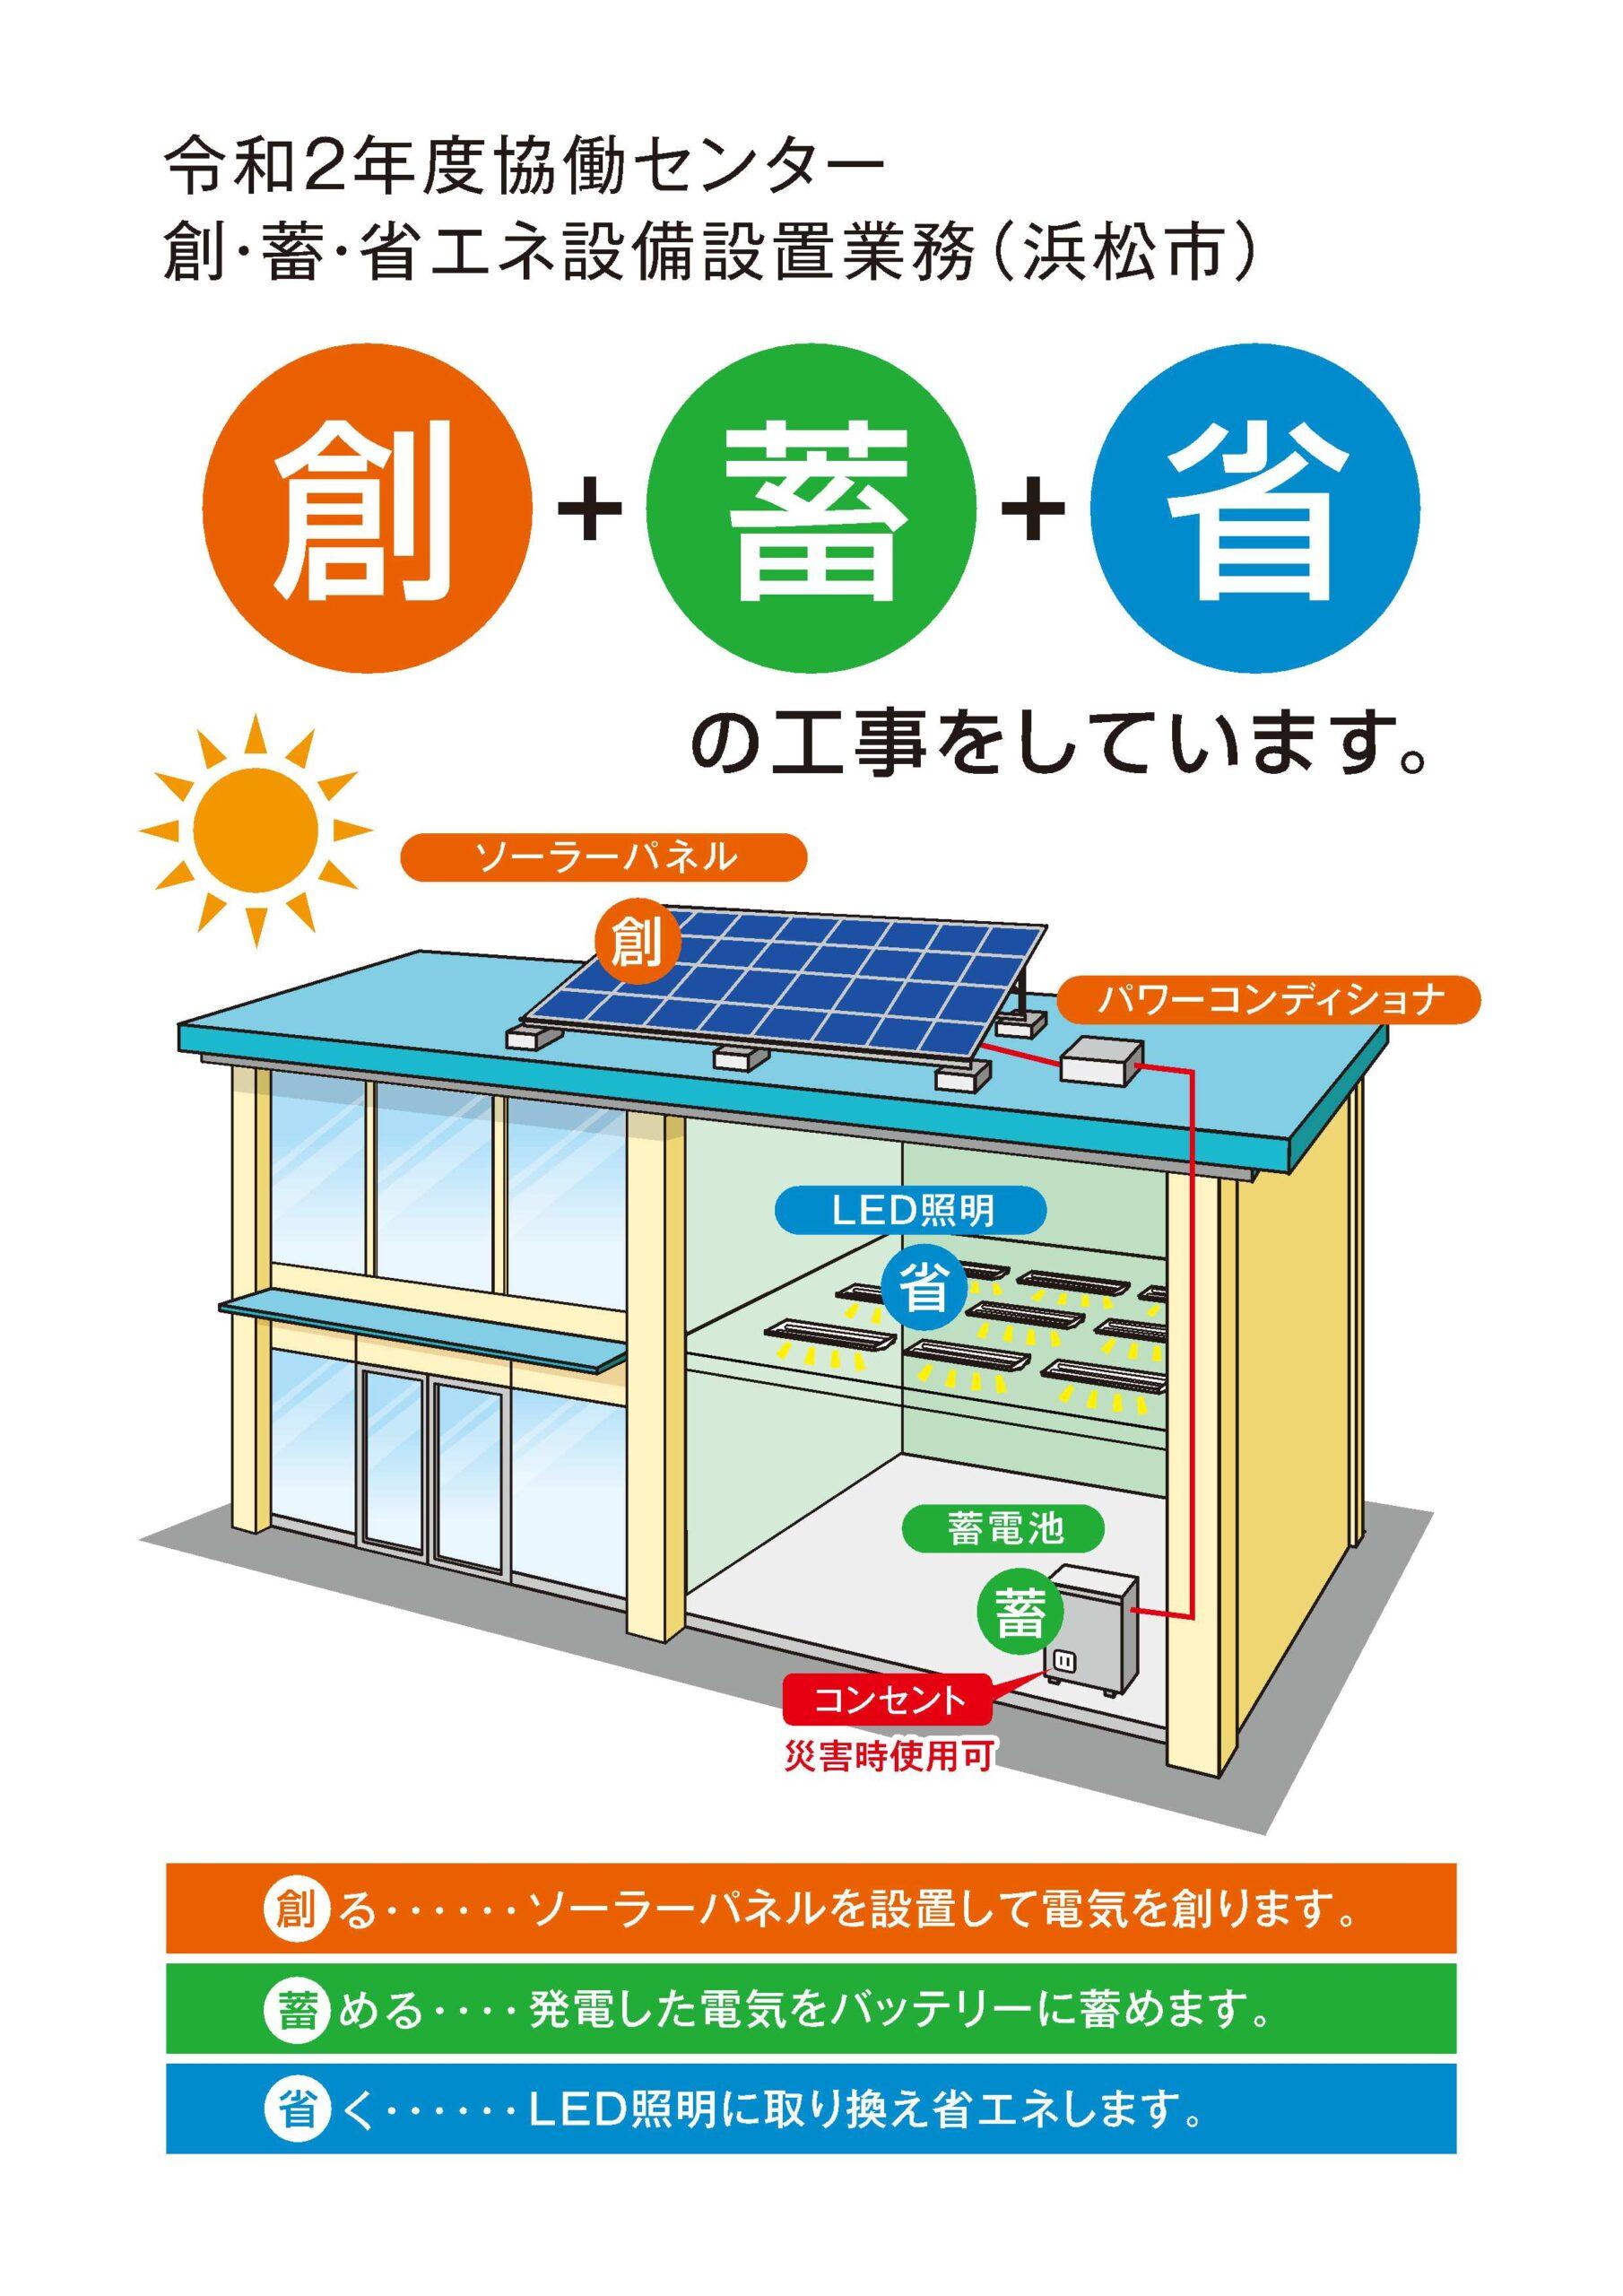 浜松市発注「協働センター創・蓄・省エネ設備設置業務」を受託いたしました